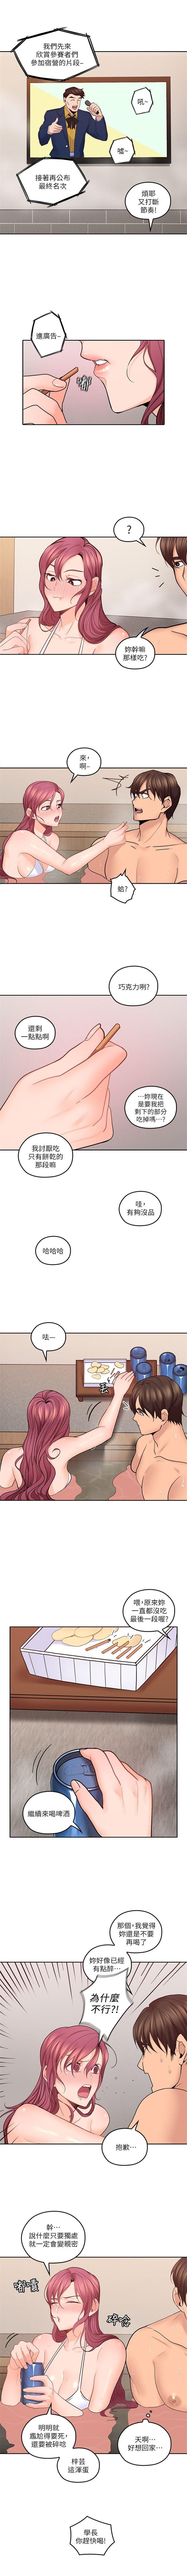 (週4)親愛的大叔 1-39 中文翻譯(更新中) 146